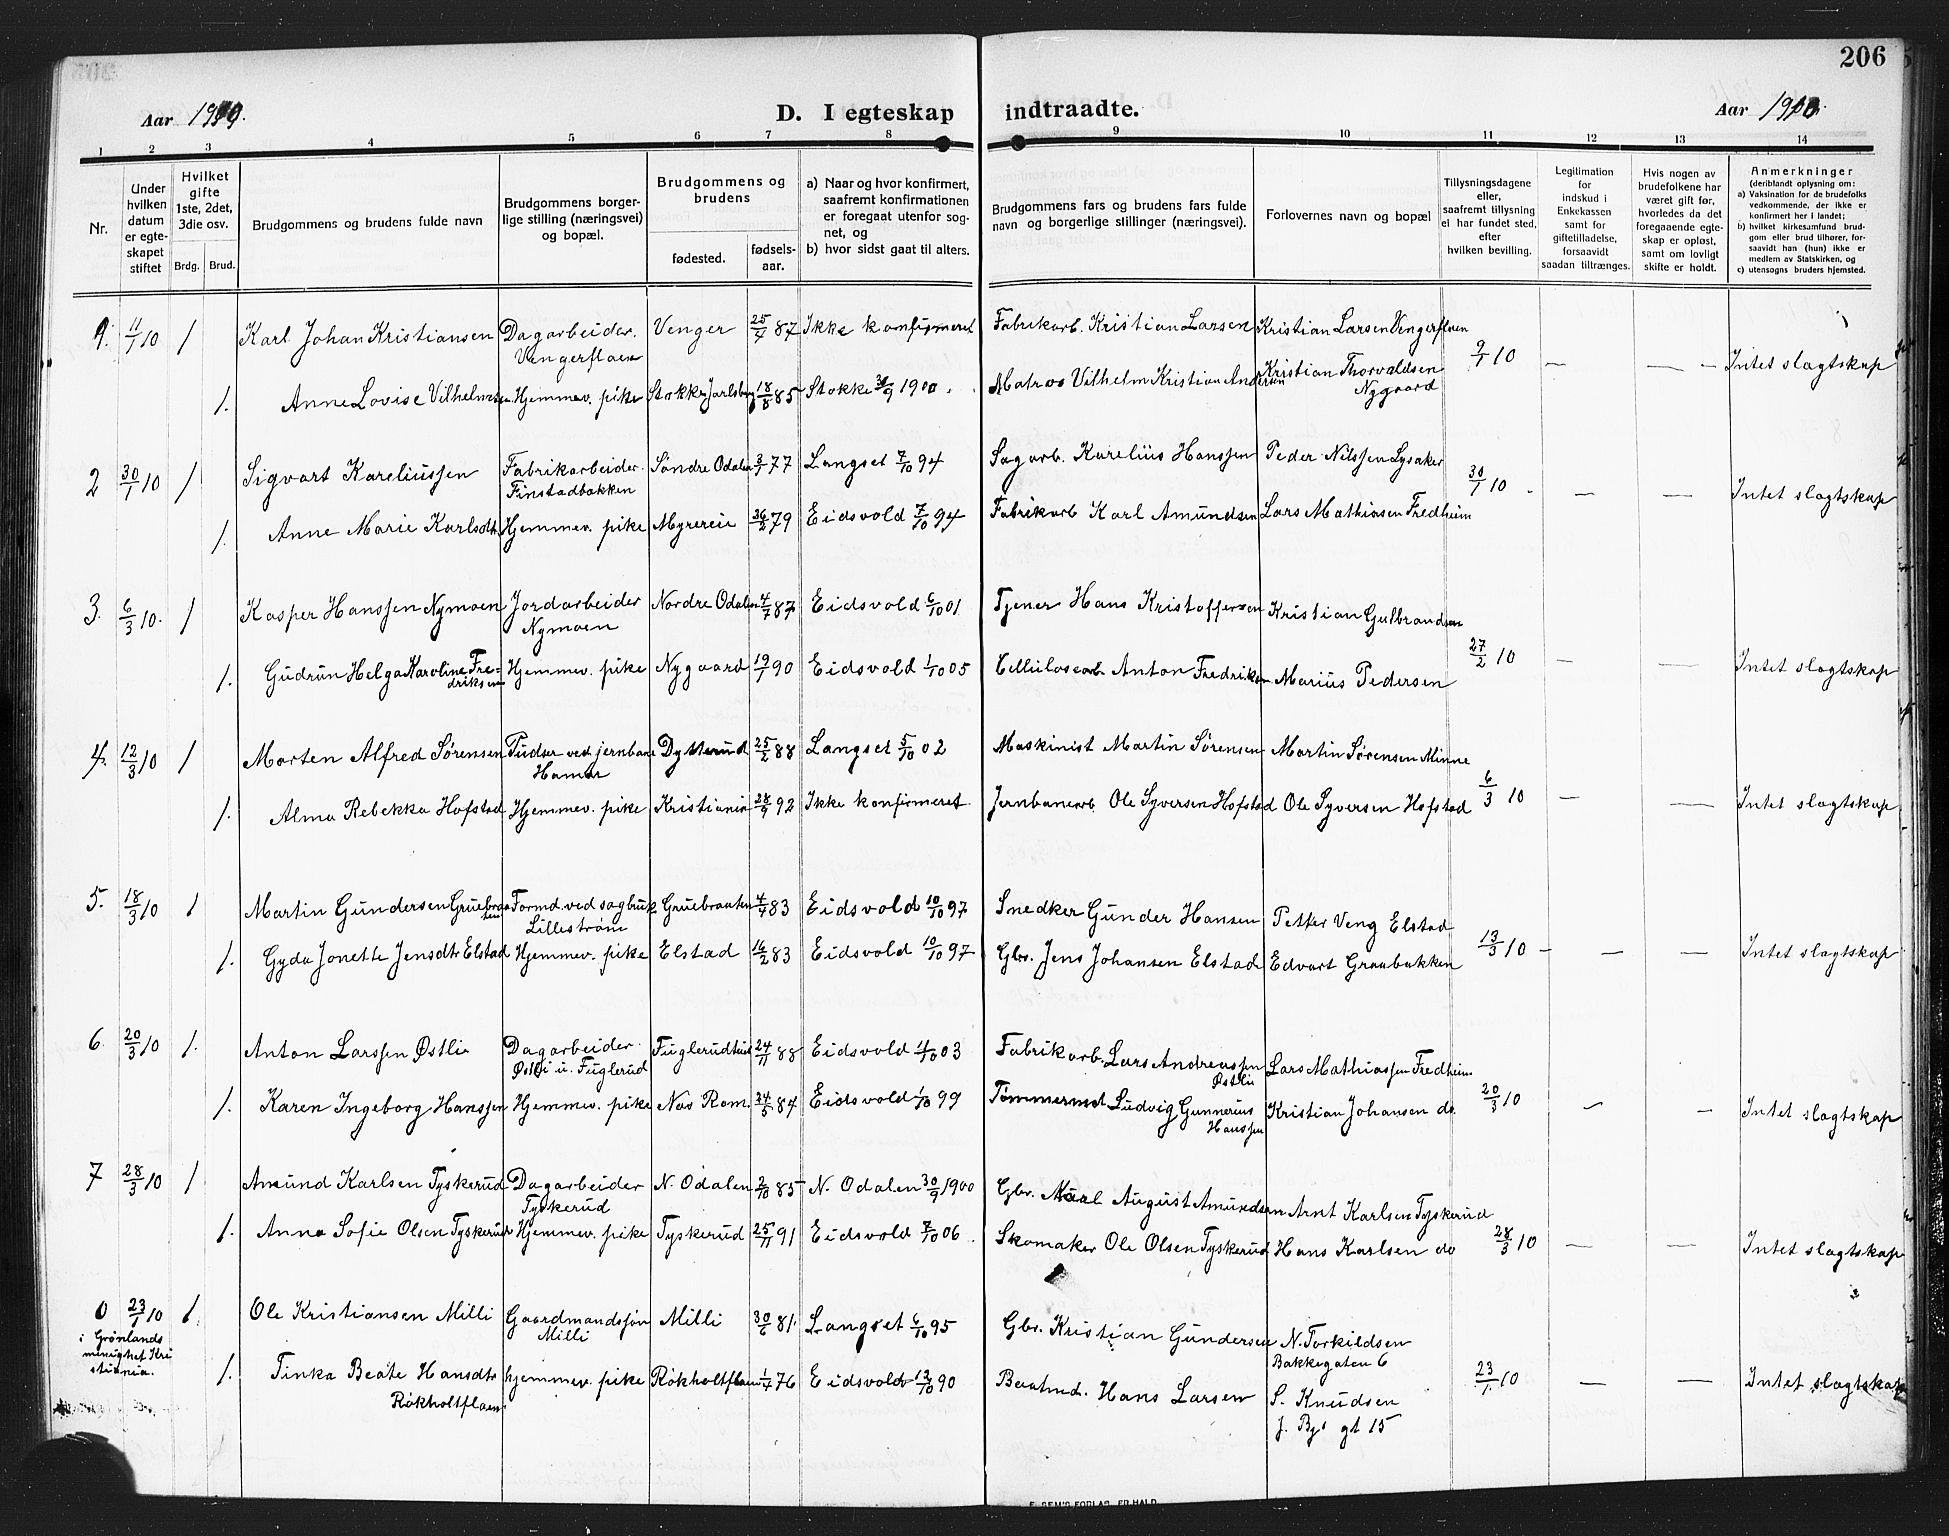 SAO, Eidsvoll prestekontor Kirkebøker, G/Ga/L0008: Klokkerbok nr. I 8, 1909-1918, s. 206